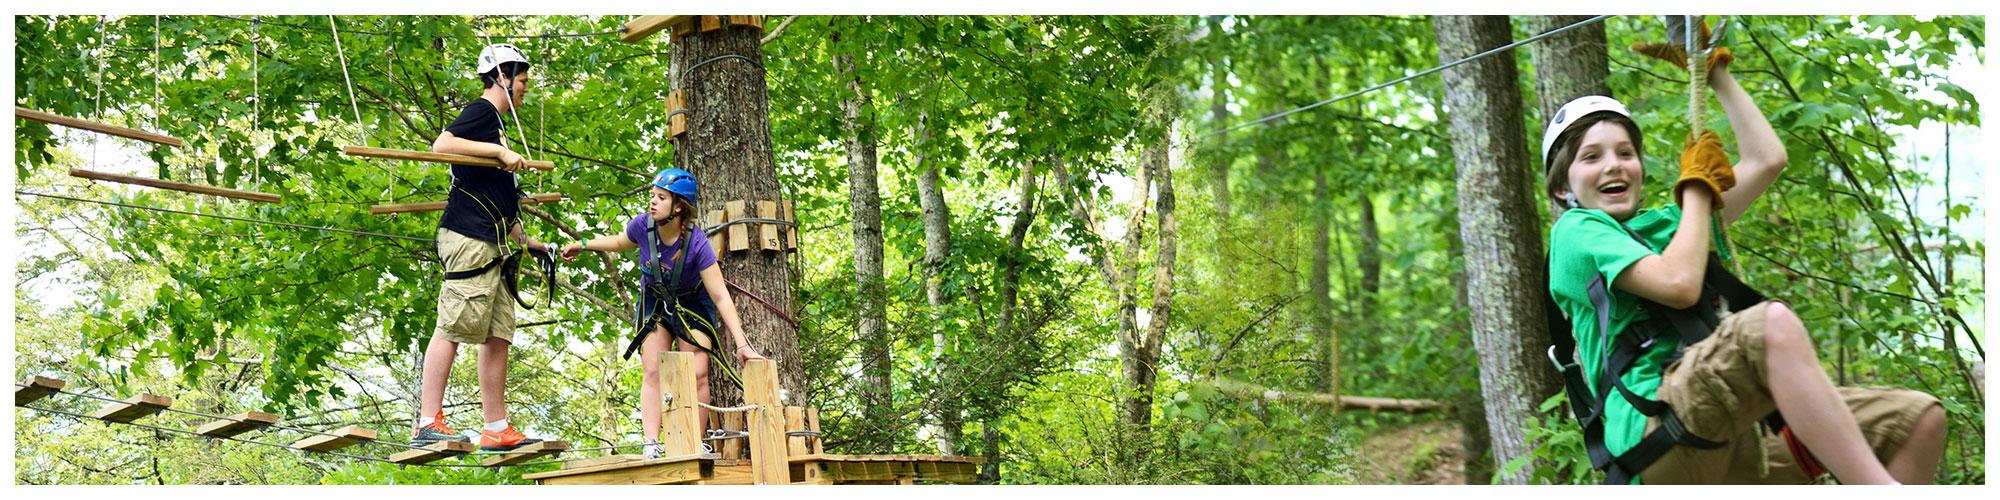 Gatlinburg Ziplines (Header Background) | Gatlinburg Attractions